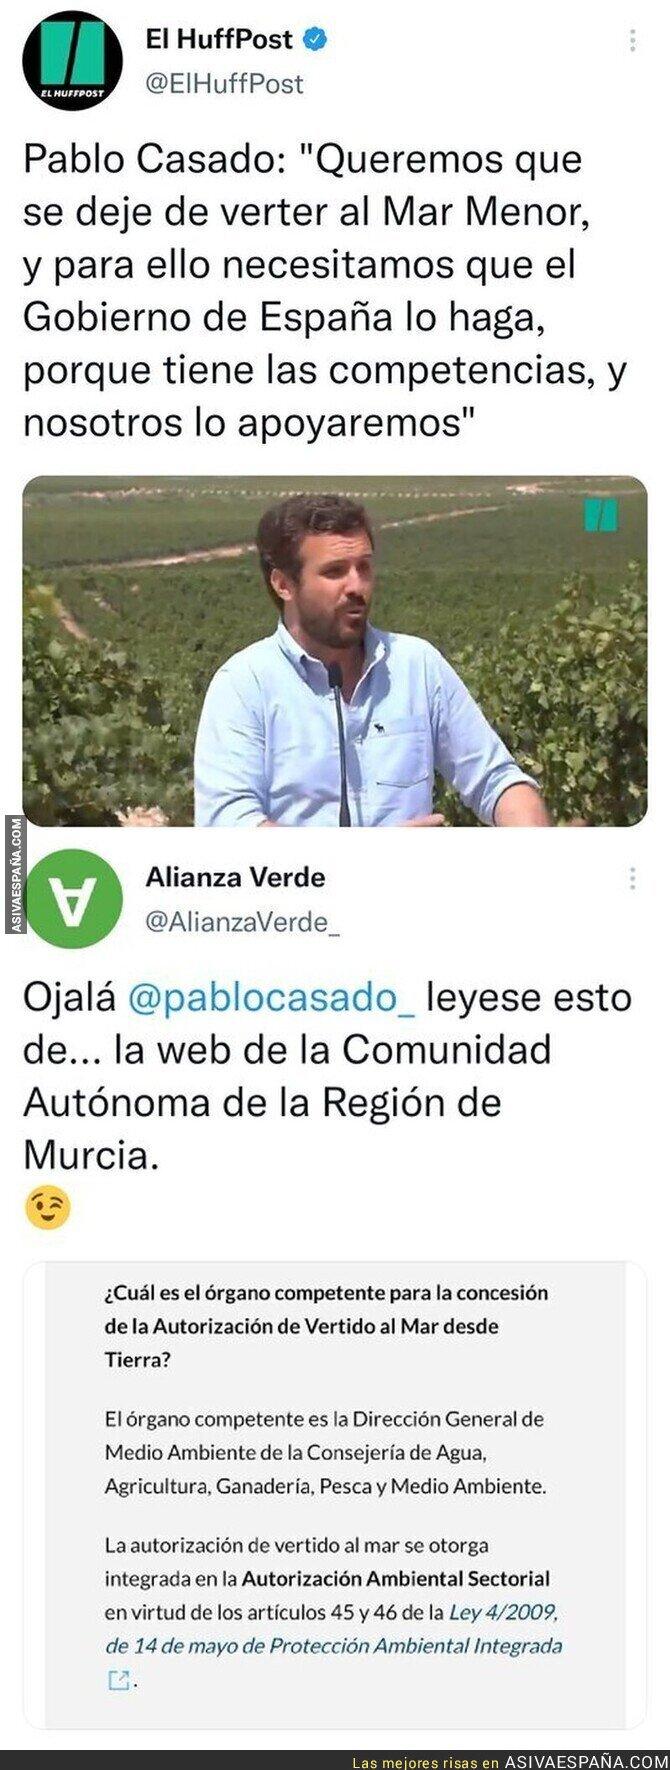 884026 - Pablo Casado pide a Pedro Sánchez que haga algo con el Mar Menor pero se nota que no sabe mucho de política por este gran detalle